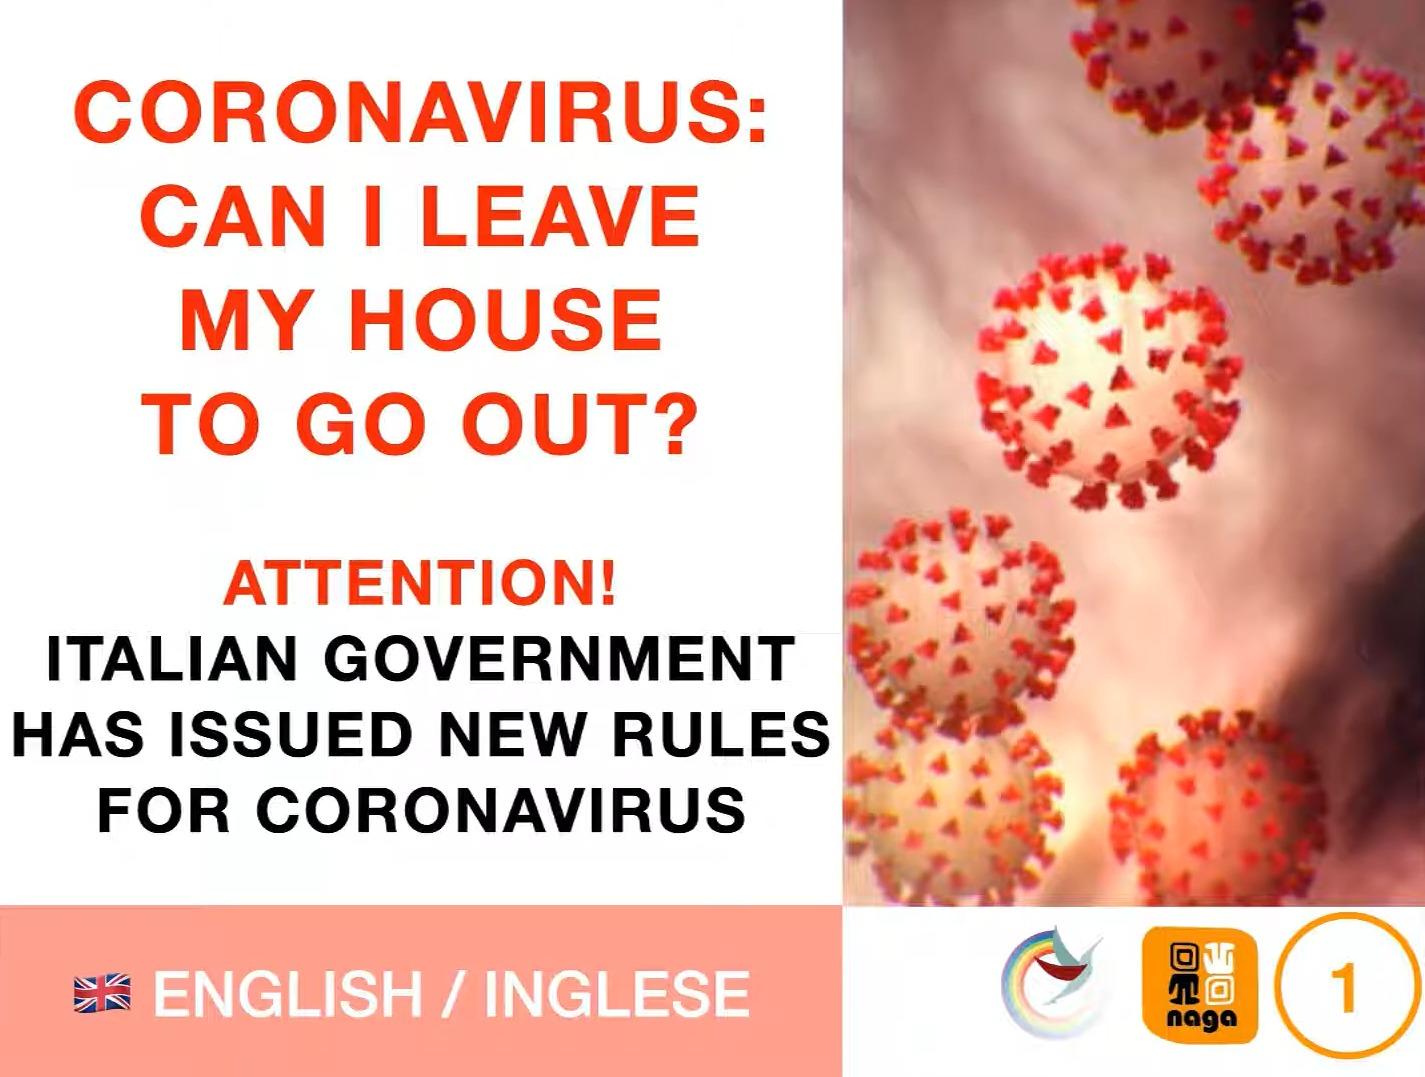 CORONAVIRUS – Posso uscire di casa? Video in diverse lingue straniere